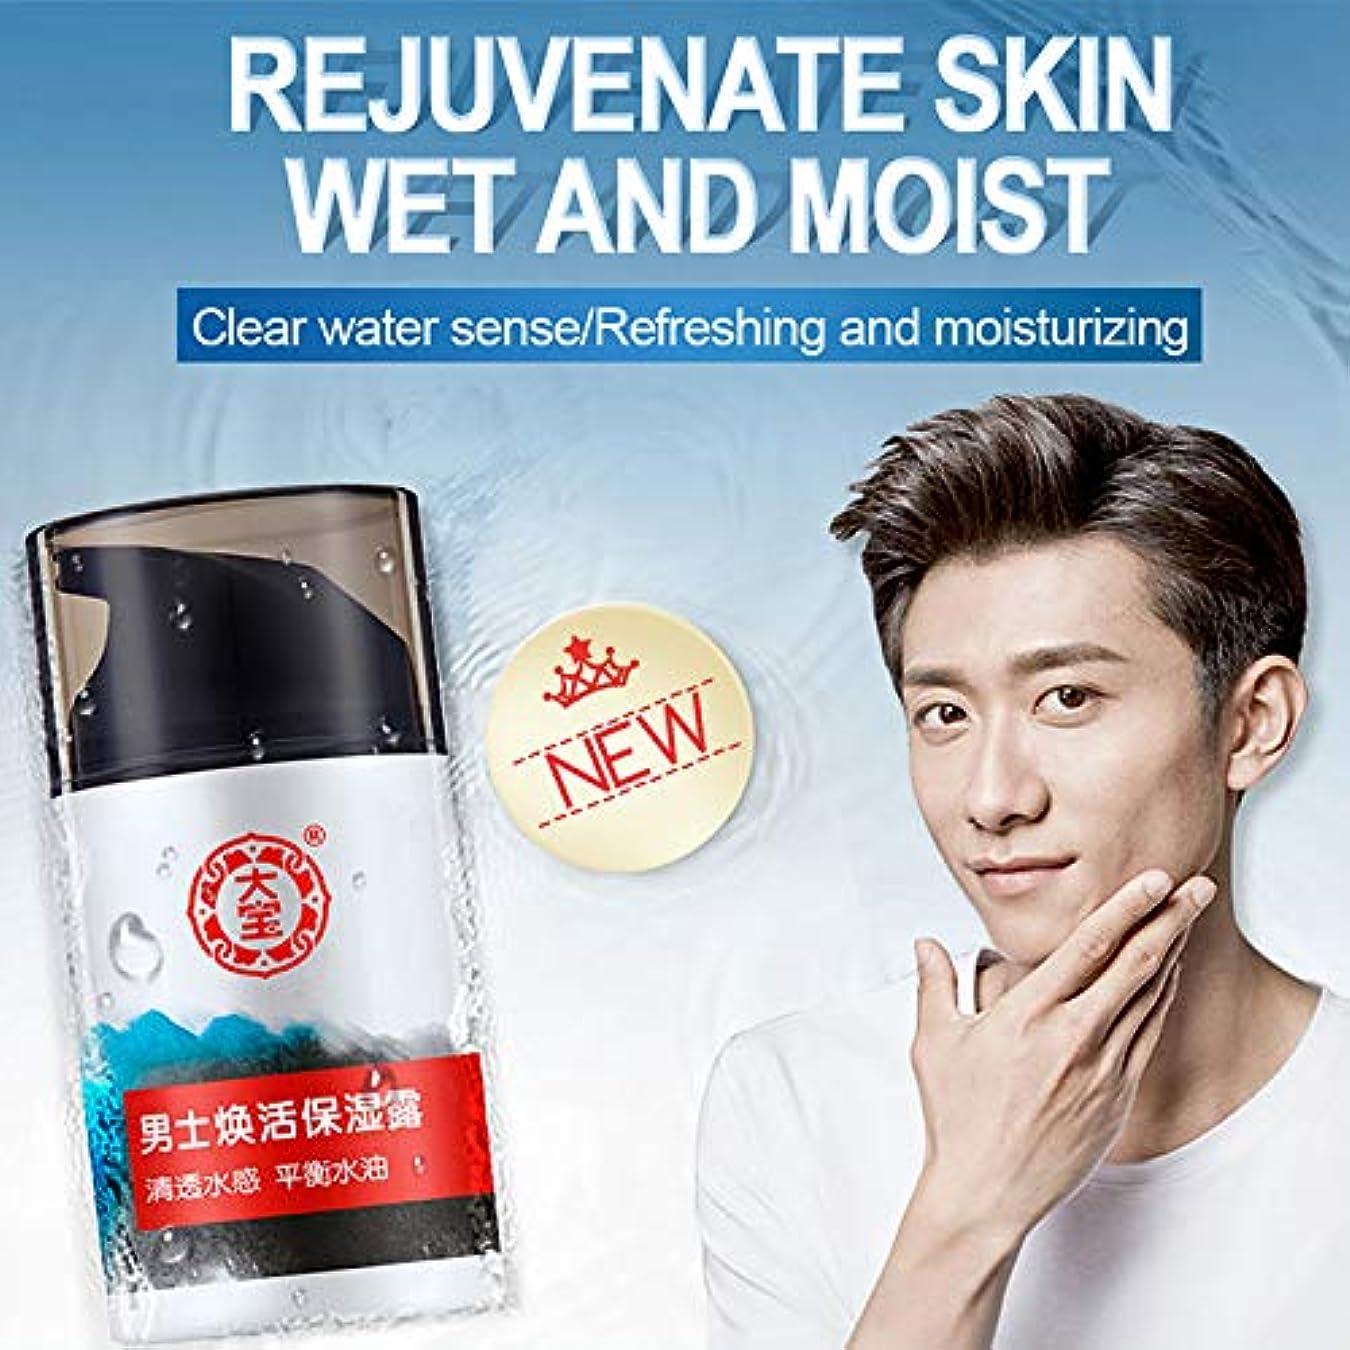 実証するポール嫌がる強力な効果的な顔の栄養クリームを修正大宝男性リバイタライジングモイスチャライジングローション保湿ダメージ